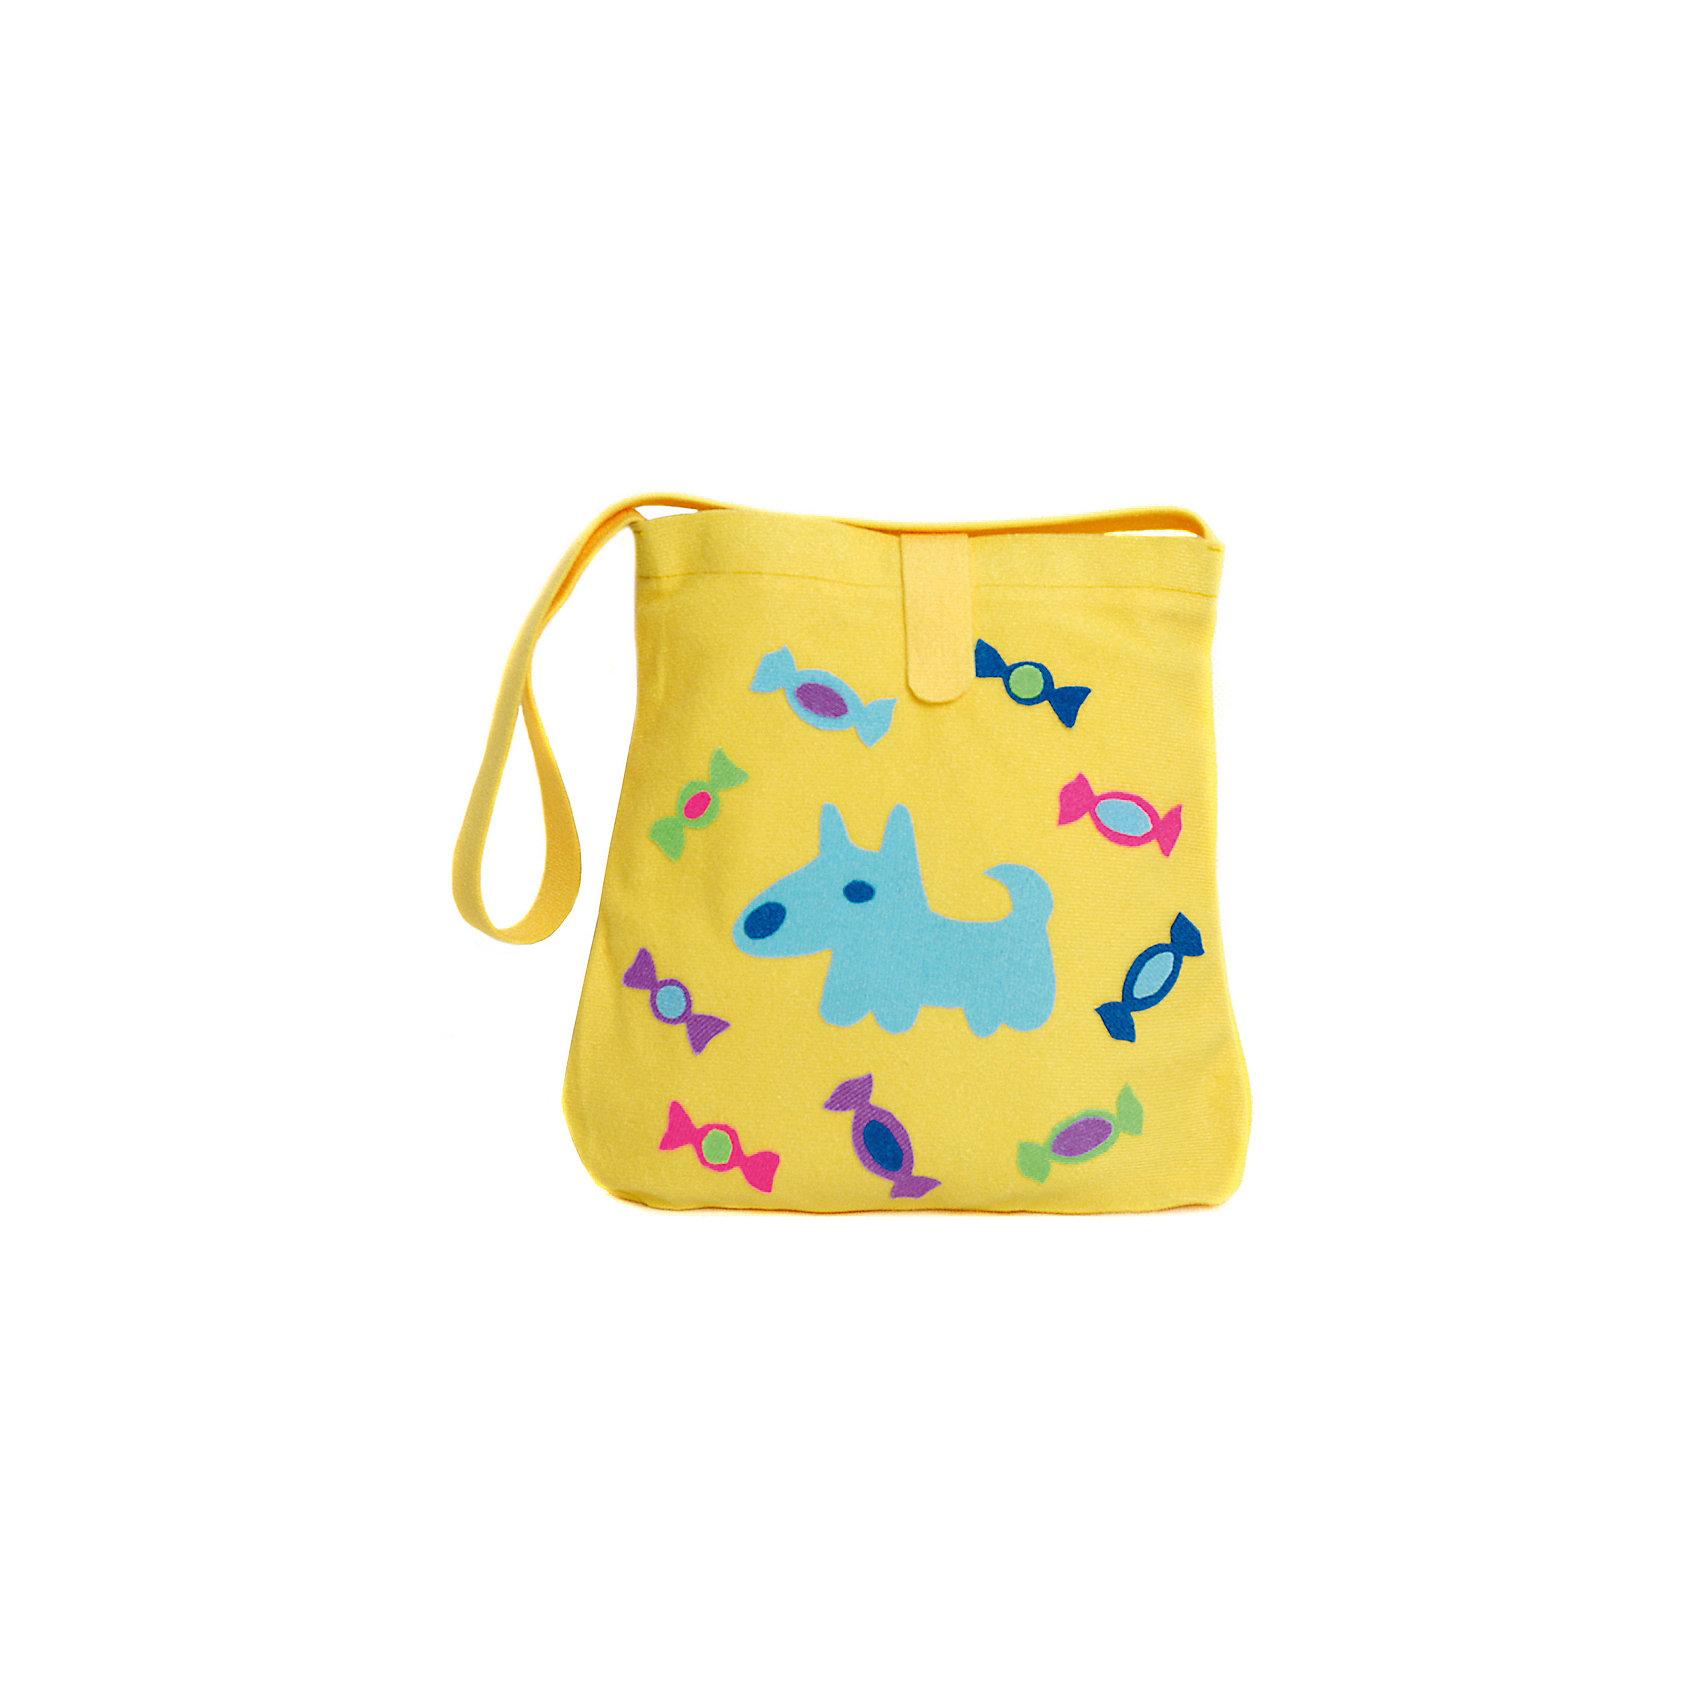 Стигис-аппликация Сумка детская, жёлтаяАксессуары<br>Если девочка давно мечтает о красивой сумке с оригинальной аппликацией, то ей обязательно понравится набор для стигис-аппликации на сумке. Ребенок сможет самостоятельно придумать дизайн и воссоздать его на сумочке при помощи ткани с термоклеевым слоем. Достаточно вырезать нужные элементы, выложить их на сумку и прогладить утюгом - красивая и практичная сумочка готова! В случае ошибки ткань можно снова прогладить утюгом, и она отклеится. Такой вид детского творчество хорошо развивает аккуратность, воображение и дизайнерские способности. Отличный подарок для юных рукодельниц!<br><br>Дополнительная информация: <br>В комплекте: сумка, кусочки stigis-ткани, выкройки, инструкция<br>Цвет: желтый<br>Размер: 3,5х27х20 см<br>Вес: 110 грамм<br>Набор для стигис-аппликации можно купить в нашем интернет-магазине.<br><br>Ширина мм: 200<br>Глубина мм: 270<br>Высота мм: 35<br>Вес г: 110<br>Возраст от месяцев: 60<br>Возраст до месяцев: 120<br>Пол: Унисекс<br>Возраст: Детский<br>SKU: 4939425